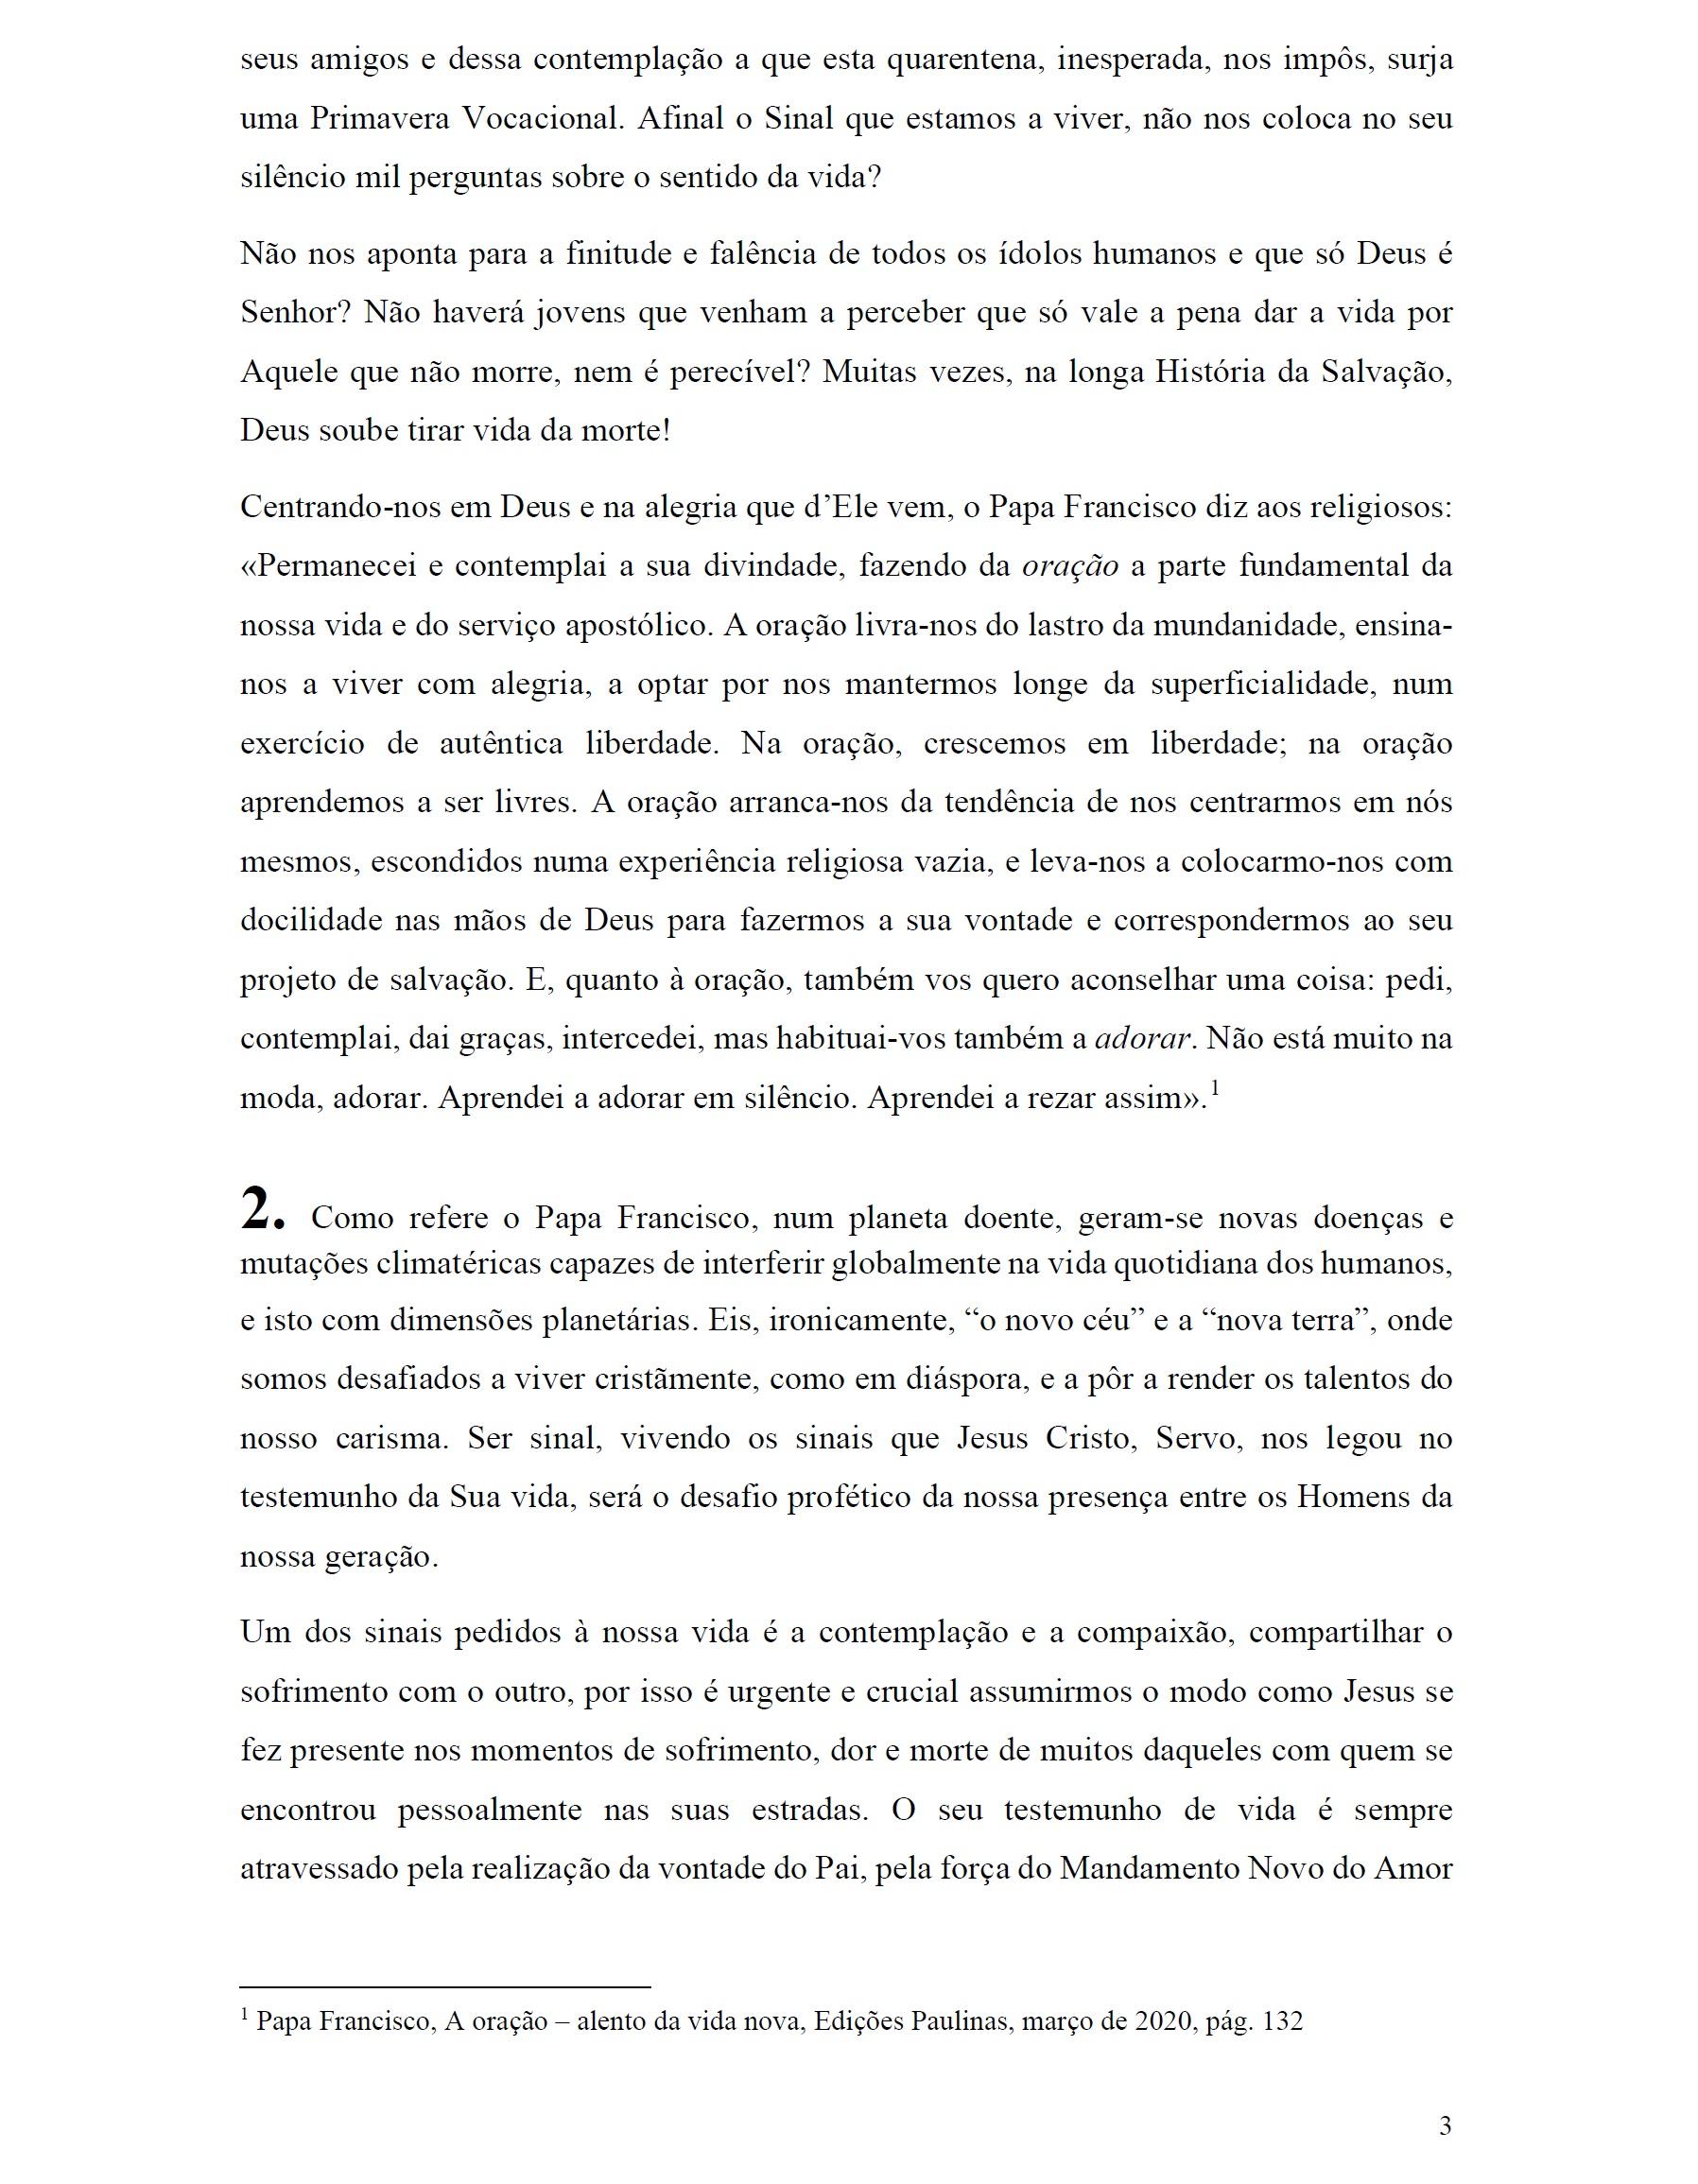 4 - Carta às comunidades religiosas 03_04_2020_3